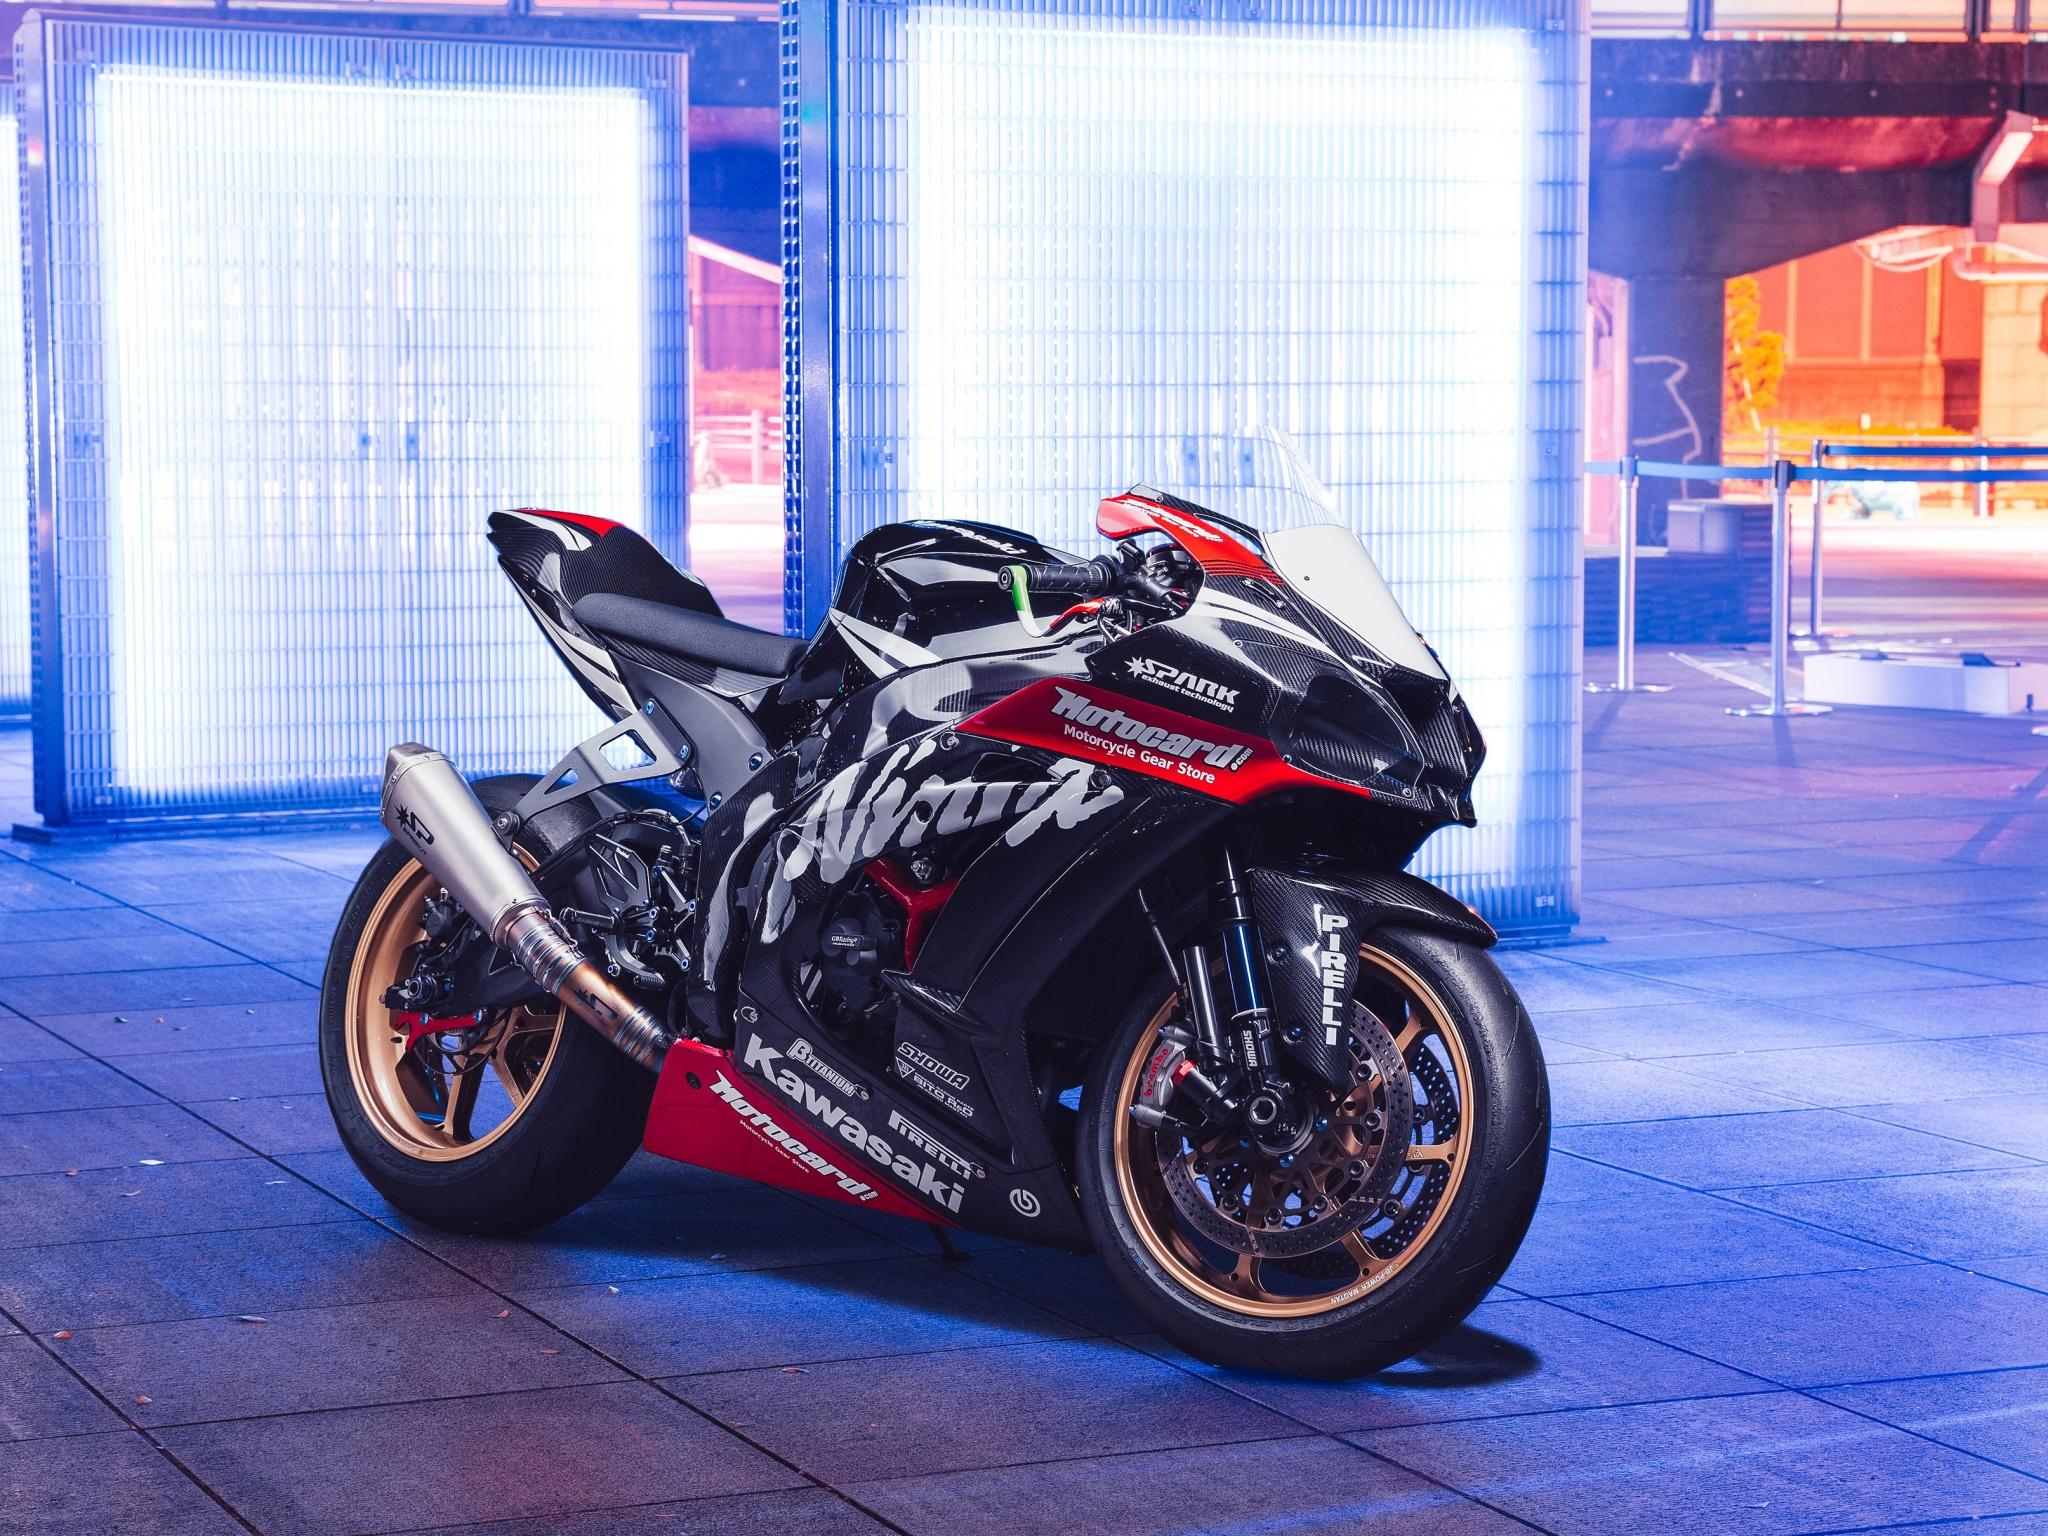 Kawasaki Ninja 650 2018 - Price, Mileage, Reviews